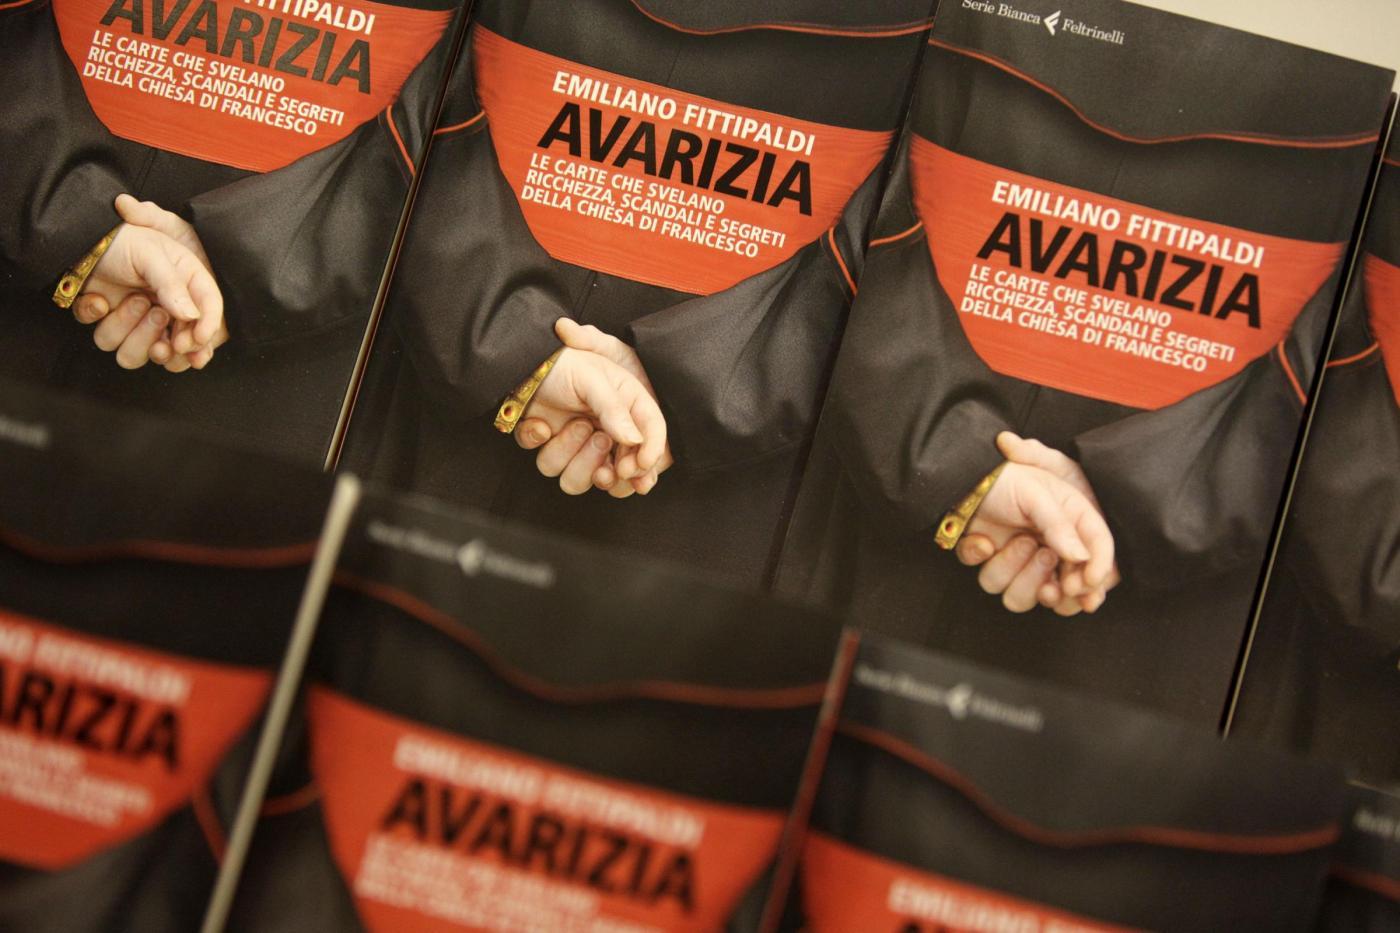 Avarizia, il libro di Emiliano Fittipaldi racconta gli scandali della chiesa di Francesco